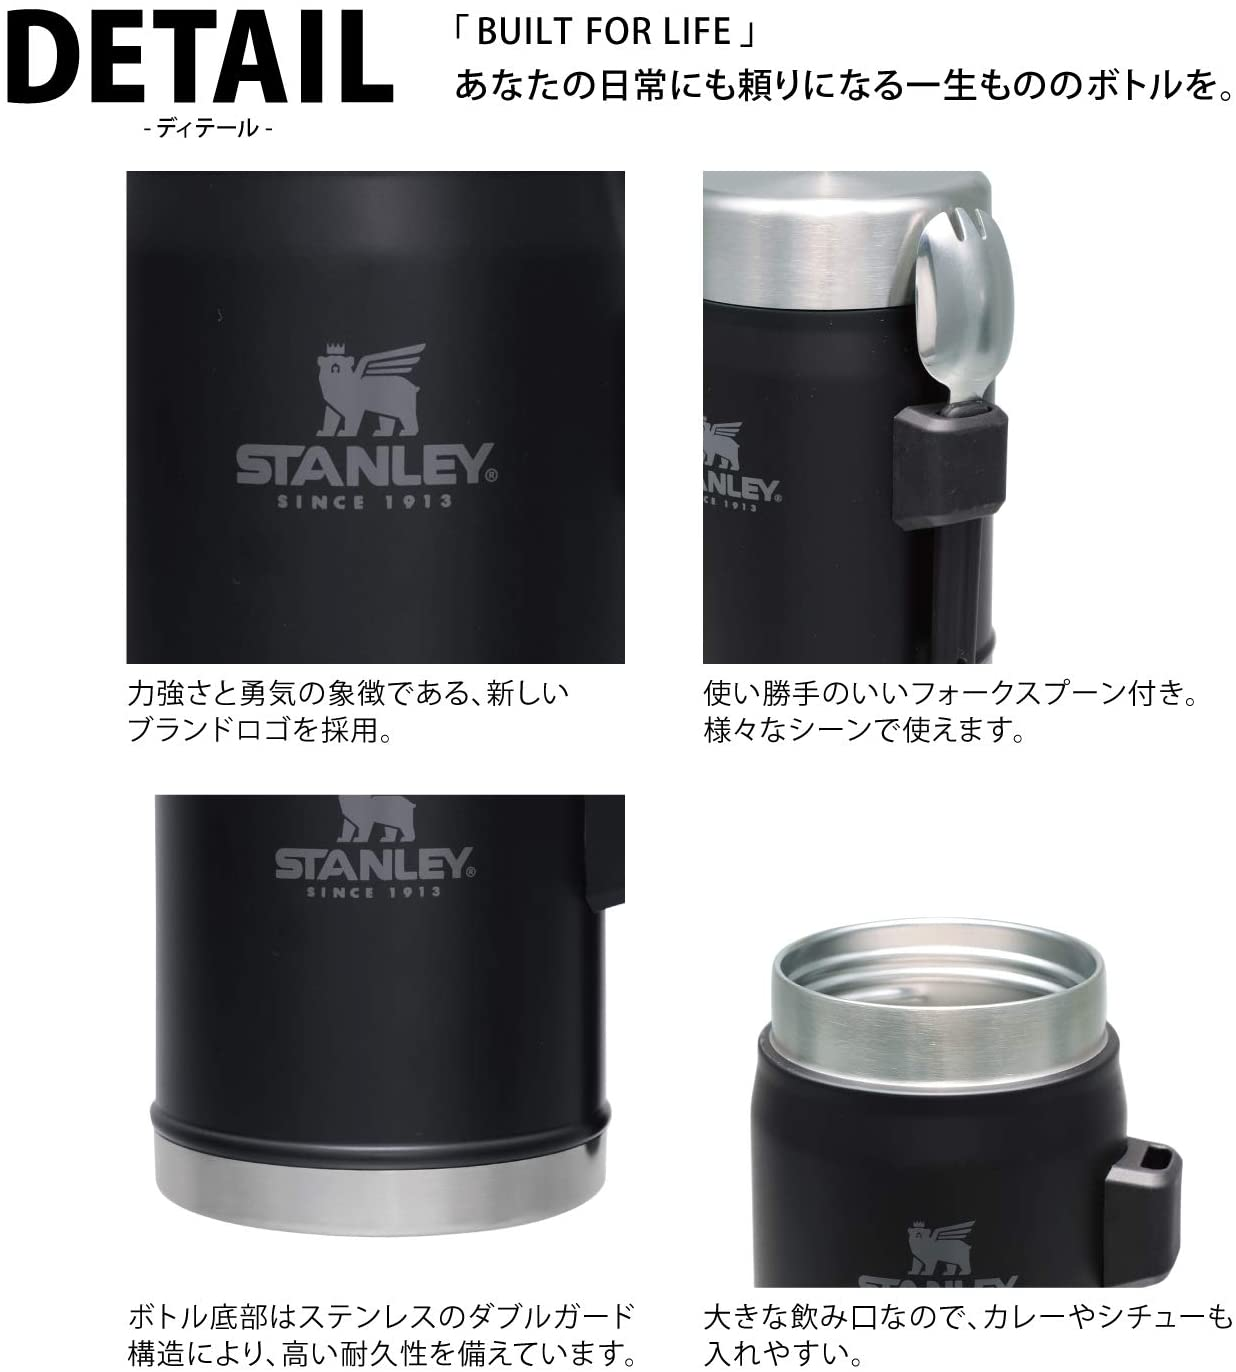 STANLEYスタンレー CLASSIC SERIESクラシック真空フードジャー0.41Lマットブラック09382-011 断熱材入りフタで高い保温・保冷性能。スープジャーとしても。